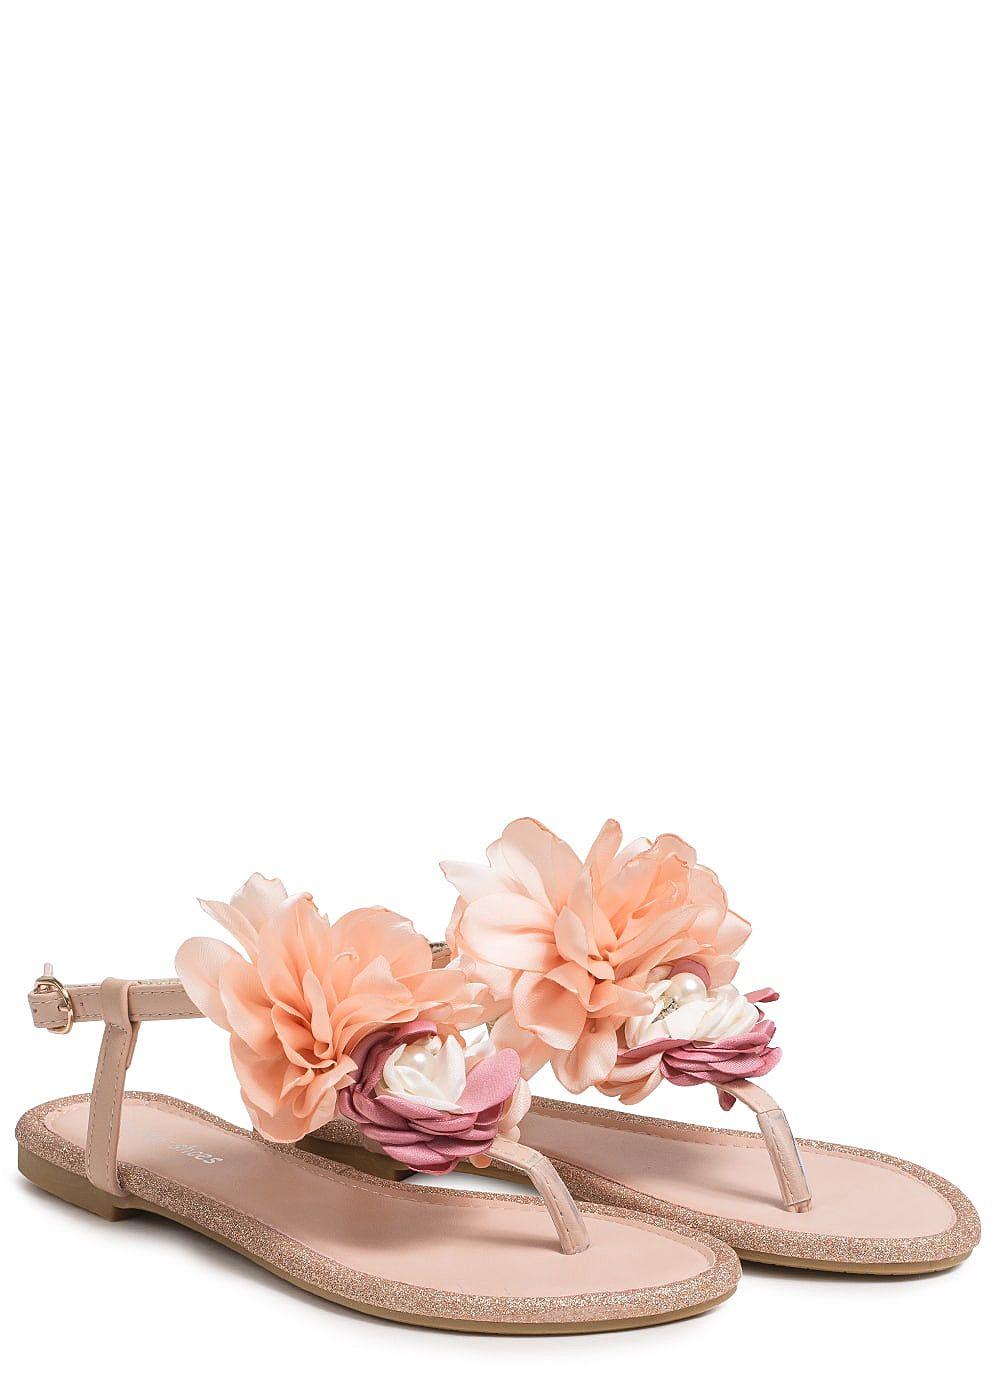 ff785331bbc812 Seventyseven Lifestyle Schuh Damen Sandalette Deko Blume Glitzer ...